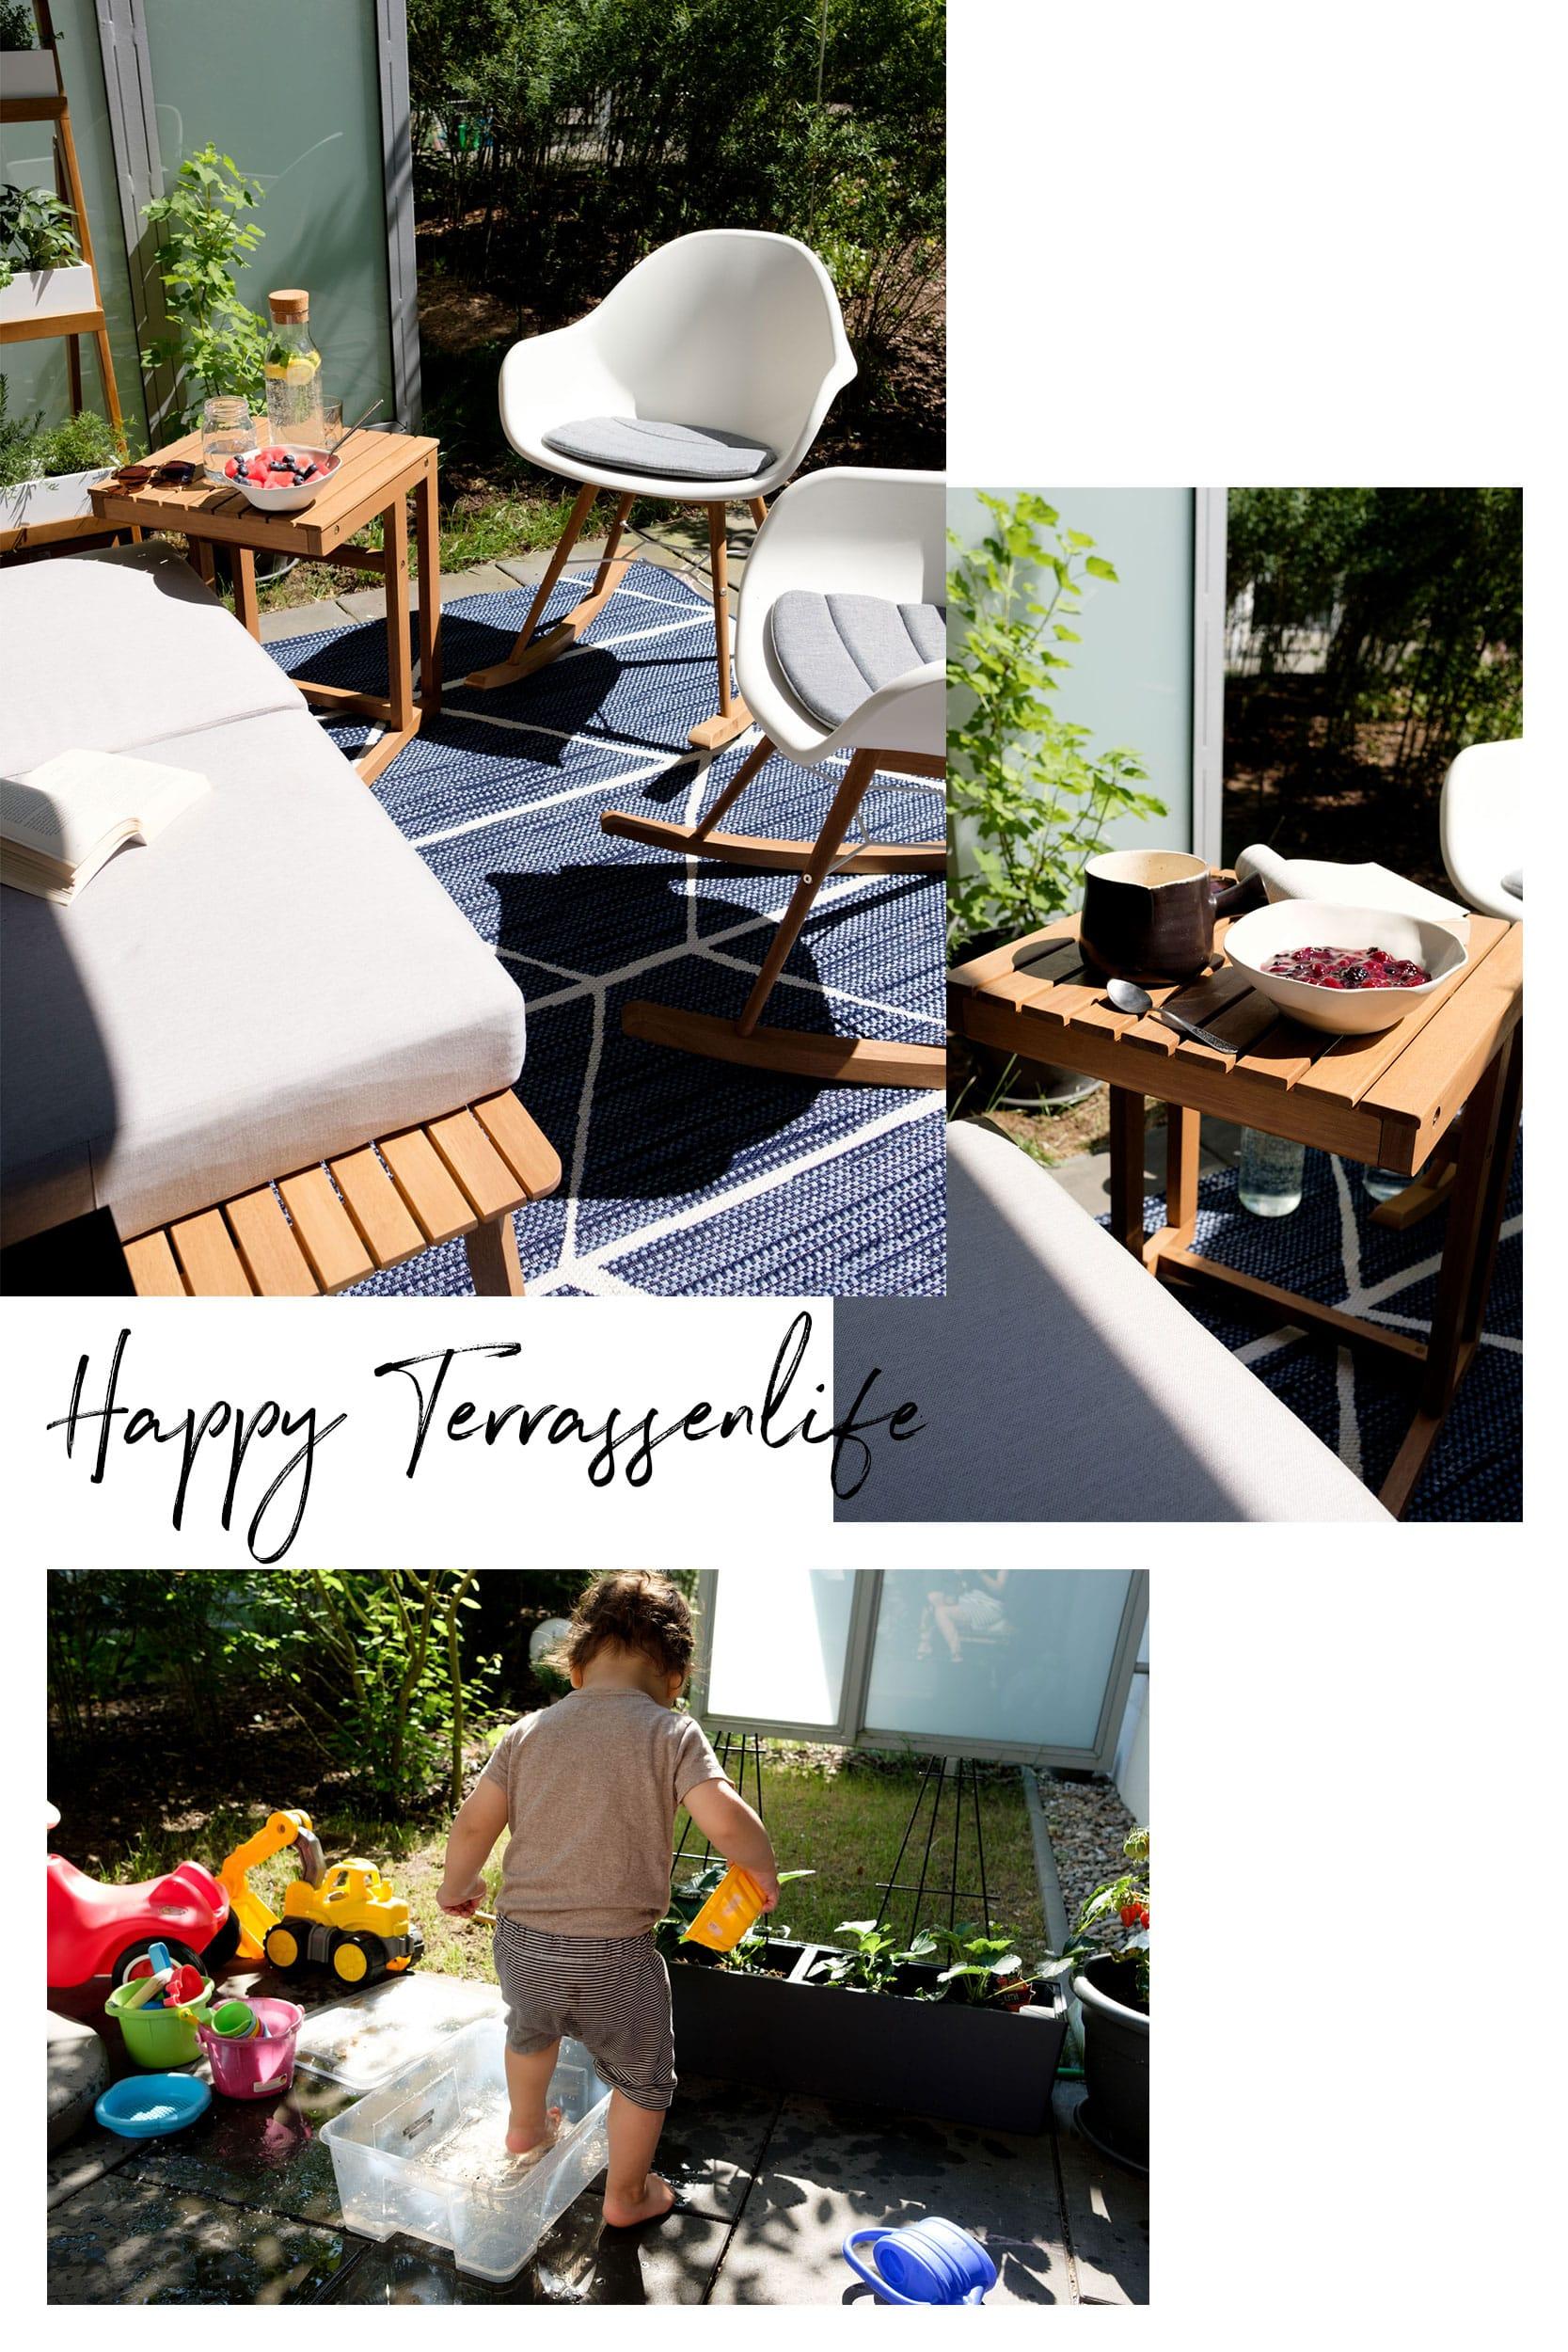 Unser Zweites Wohnzimmer Im Grünen Mit Tchibo | Terrassenupdate | Happy  Terrassenlife Mit Den Neuen Möbeln